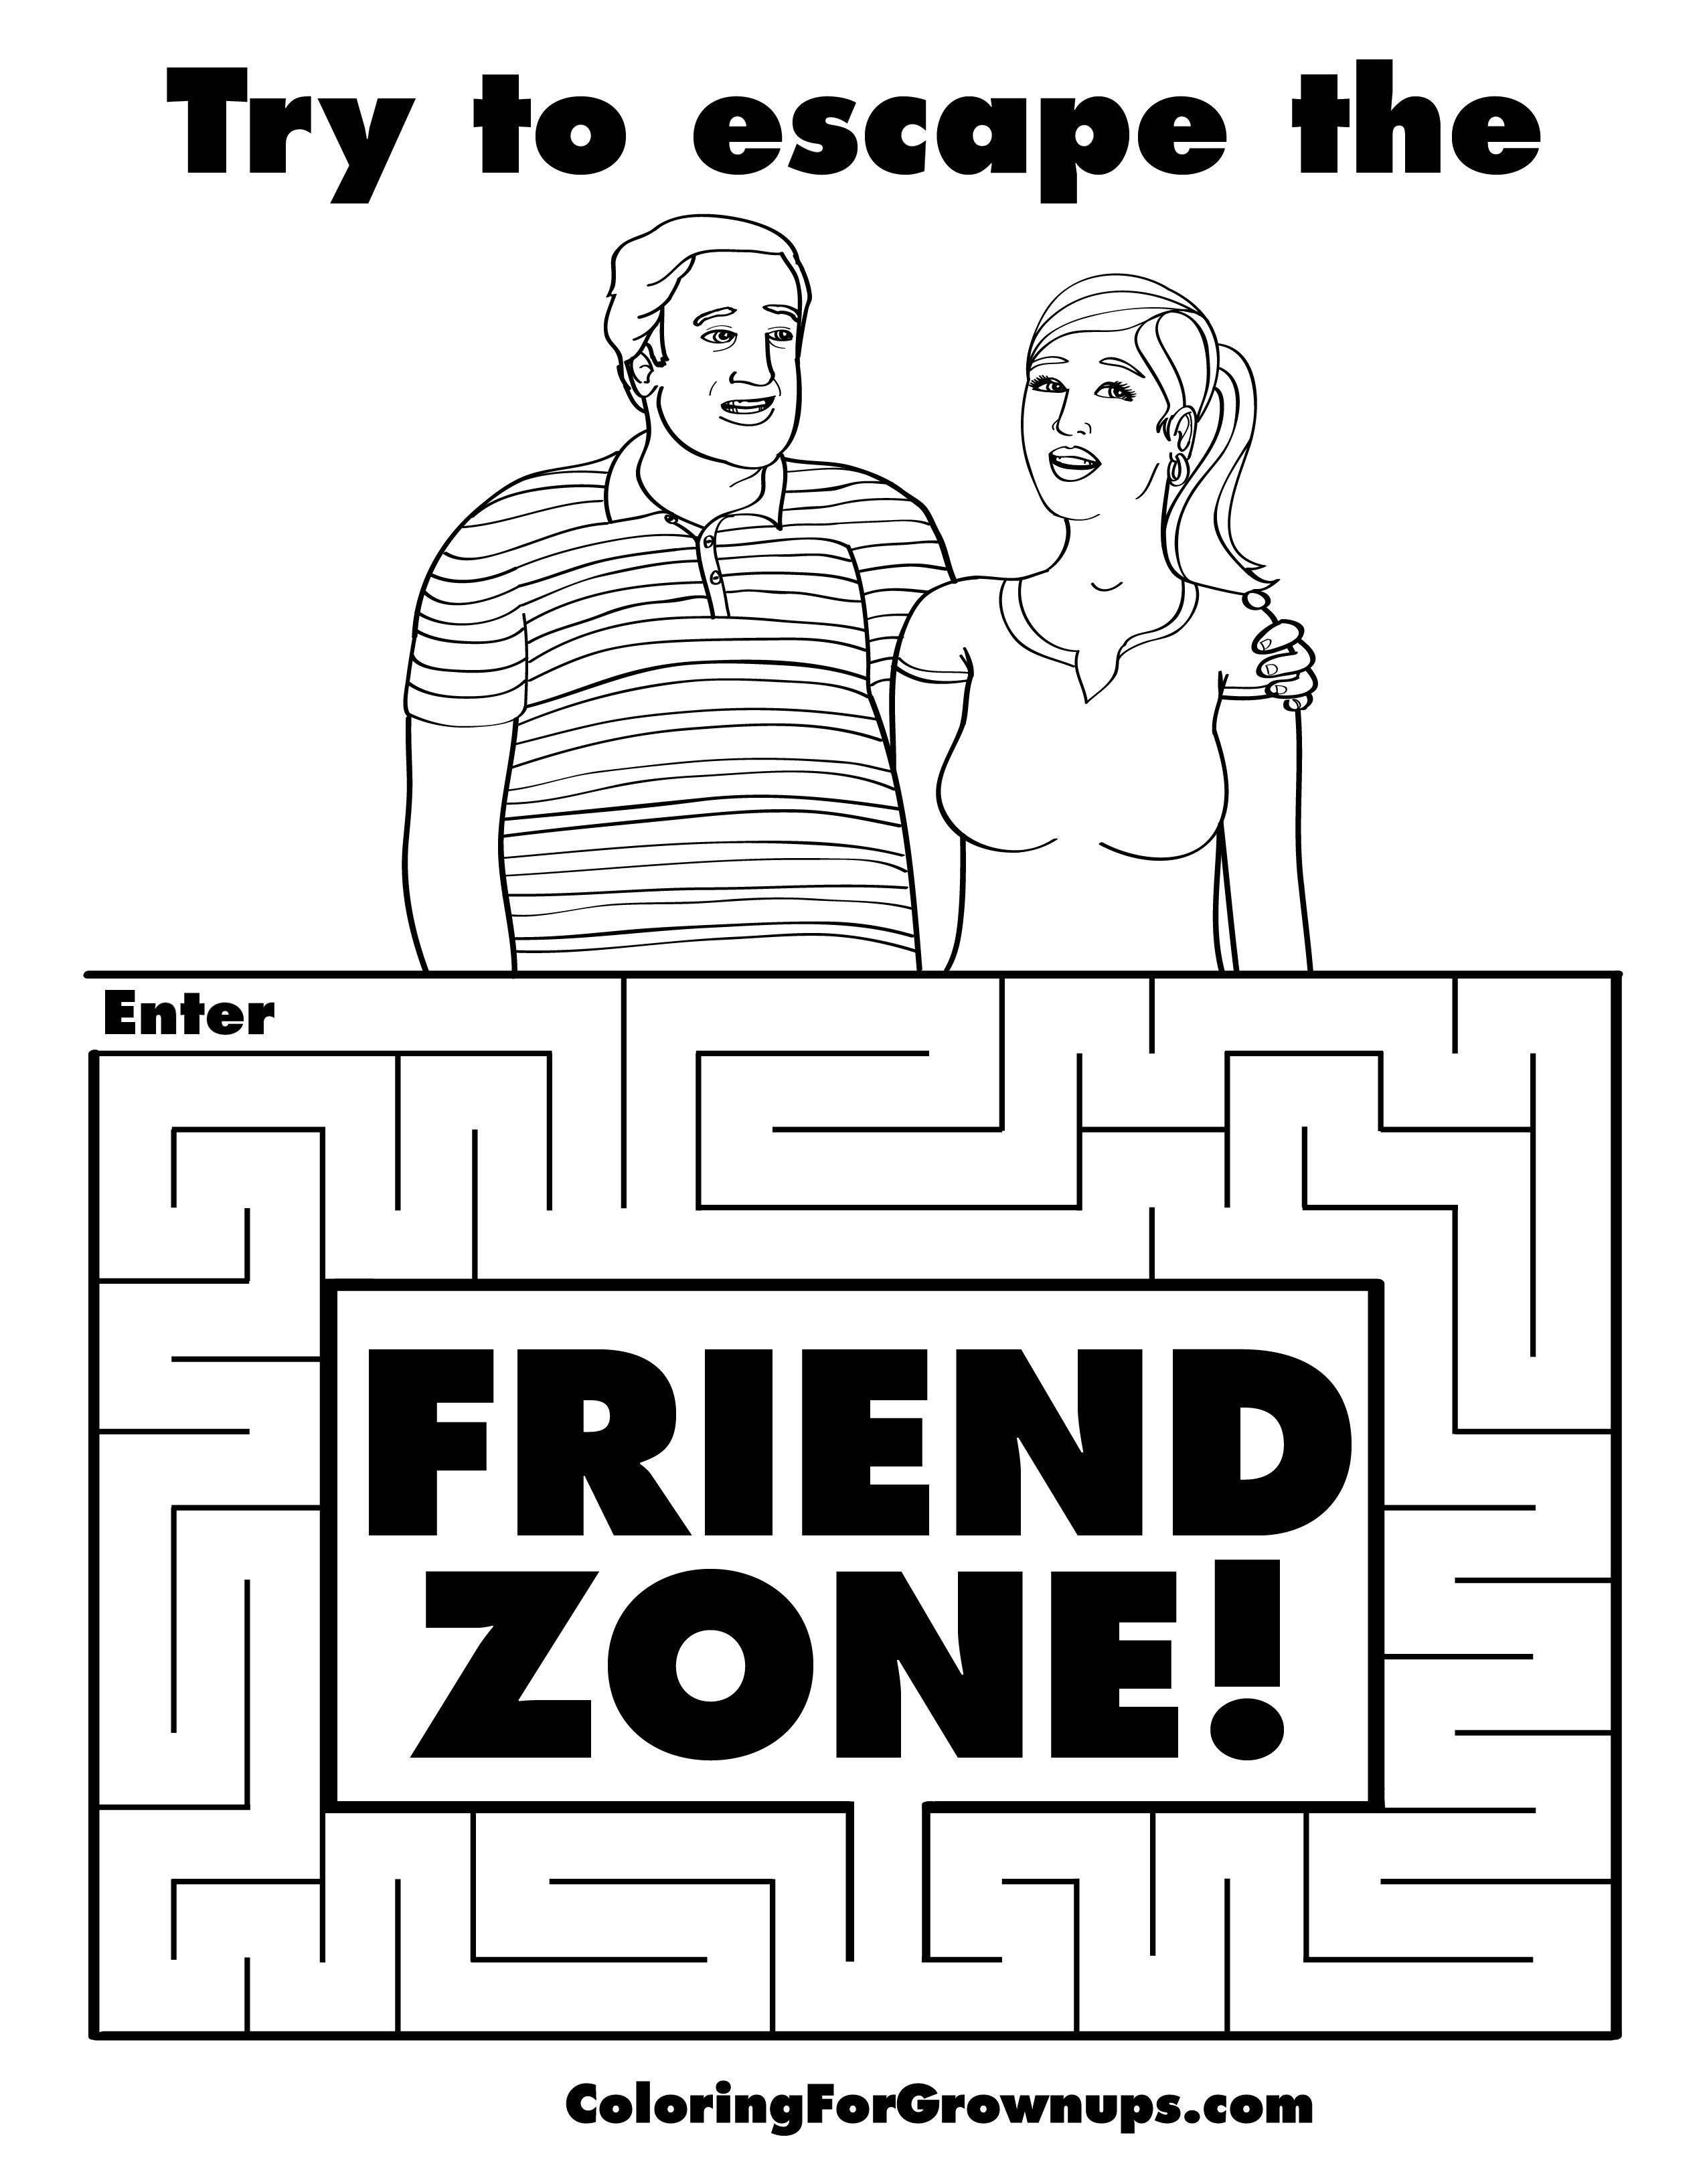 How to escape friendzone